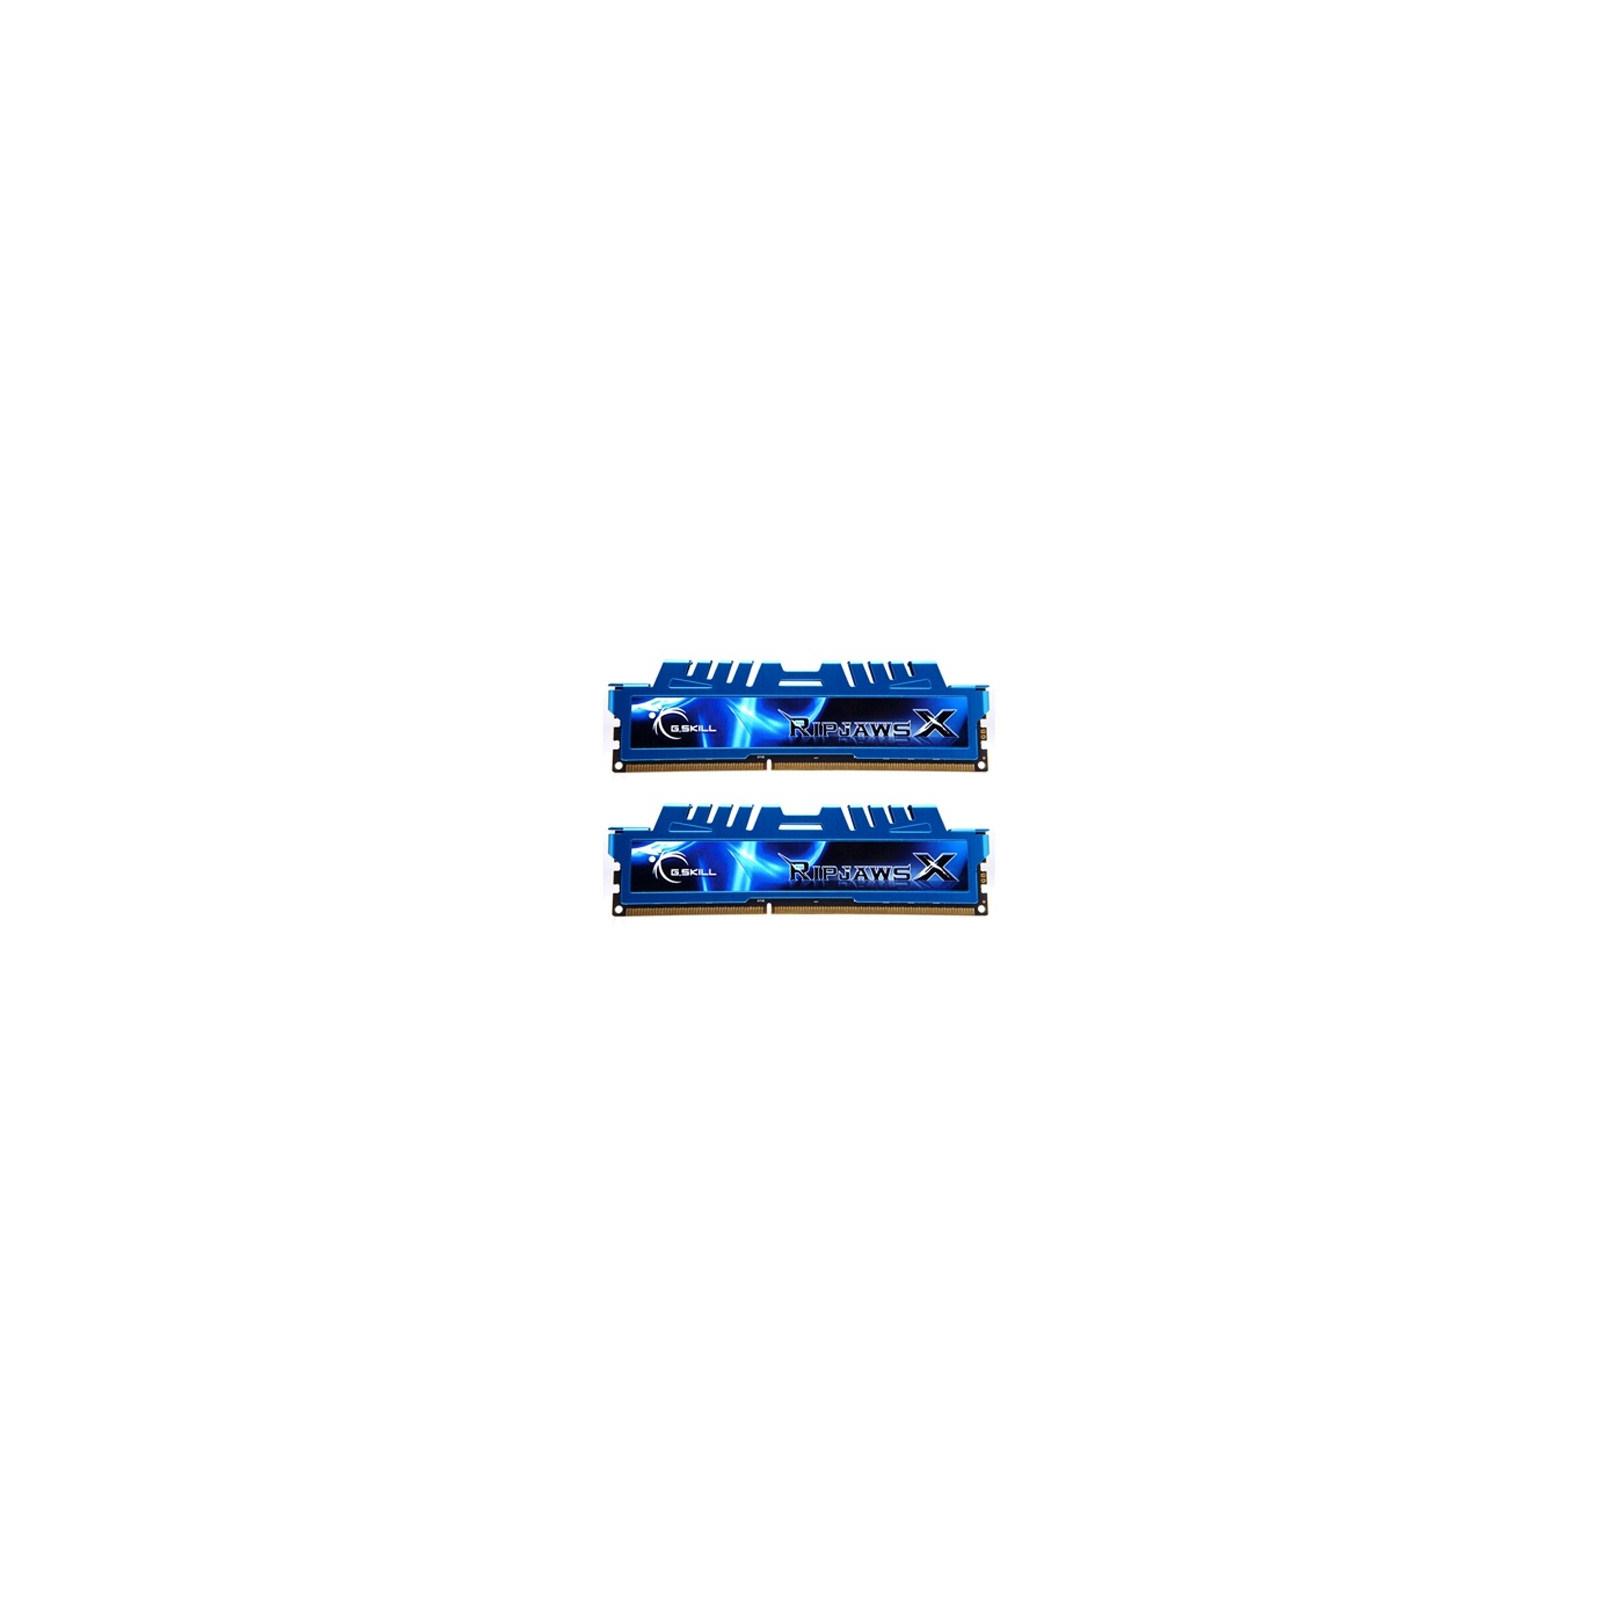 Модуль памяти для компьютера DDR3 16GB (2x8GB) 1866 MHz G.Skill (F3-1866C9D-16GZH)